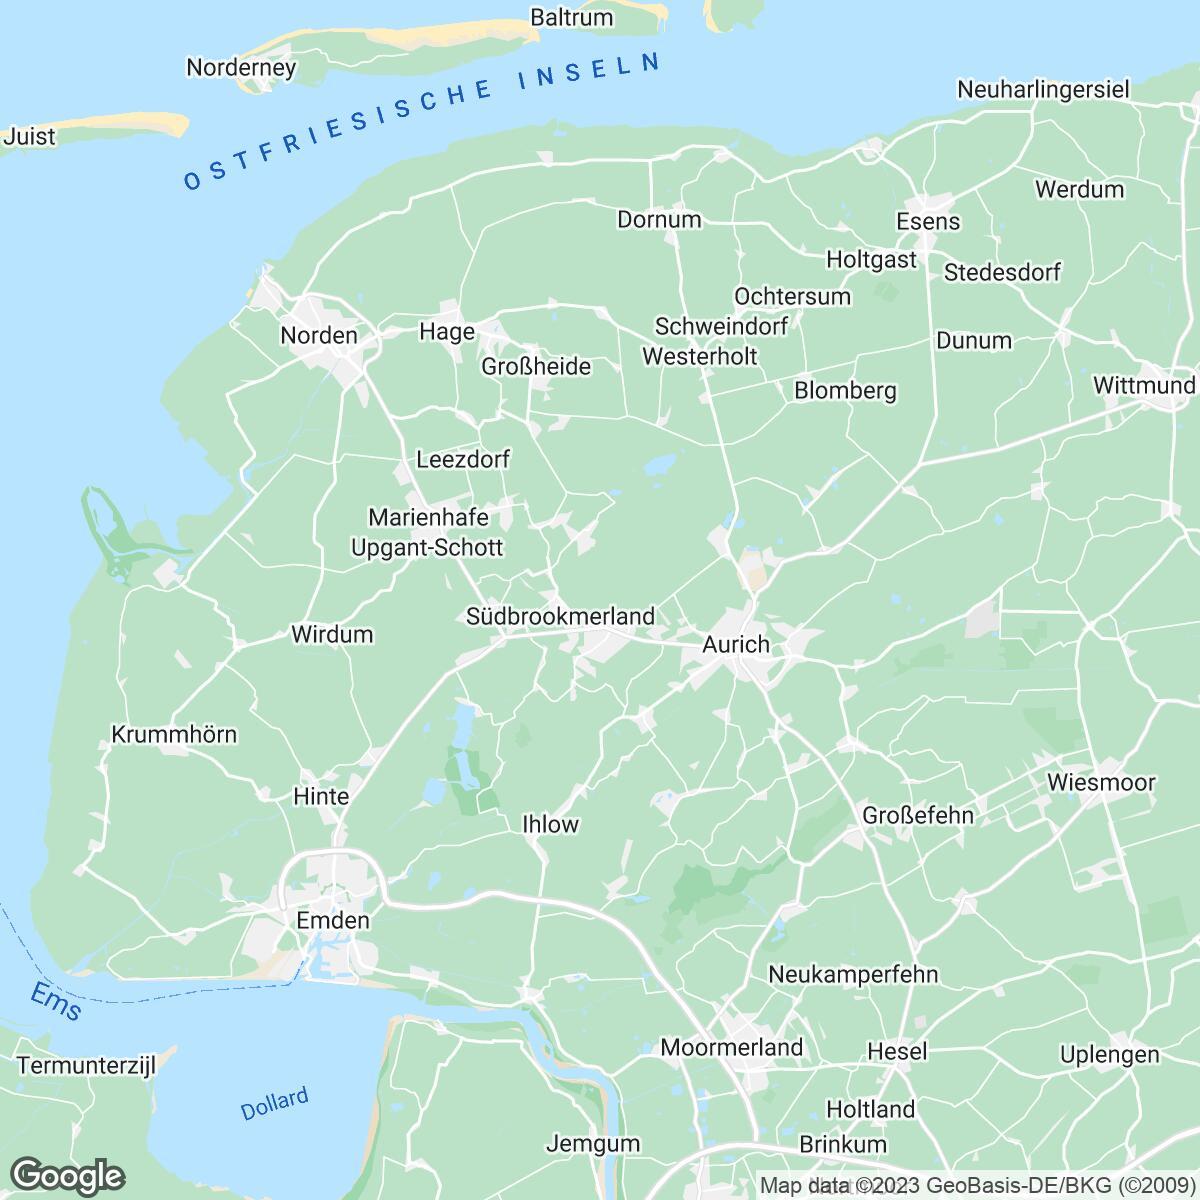 Verkaufsgebiet der Zeitungen Neue Osnabrücker Zeitung/ZG Südwest-Niedersachsen